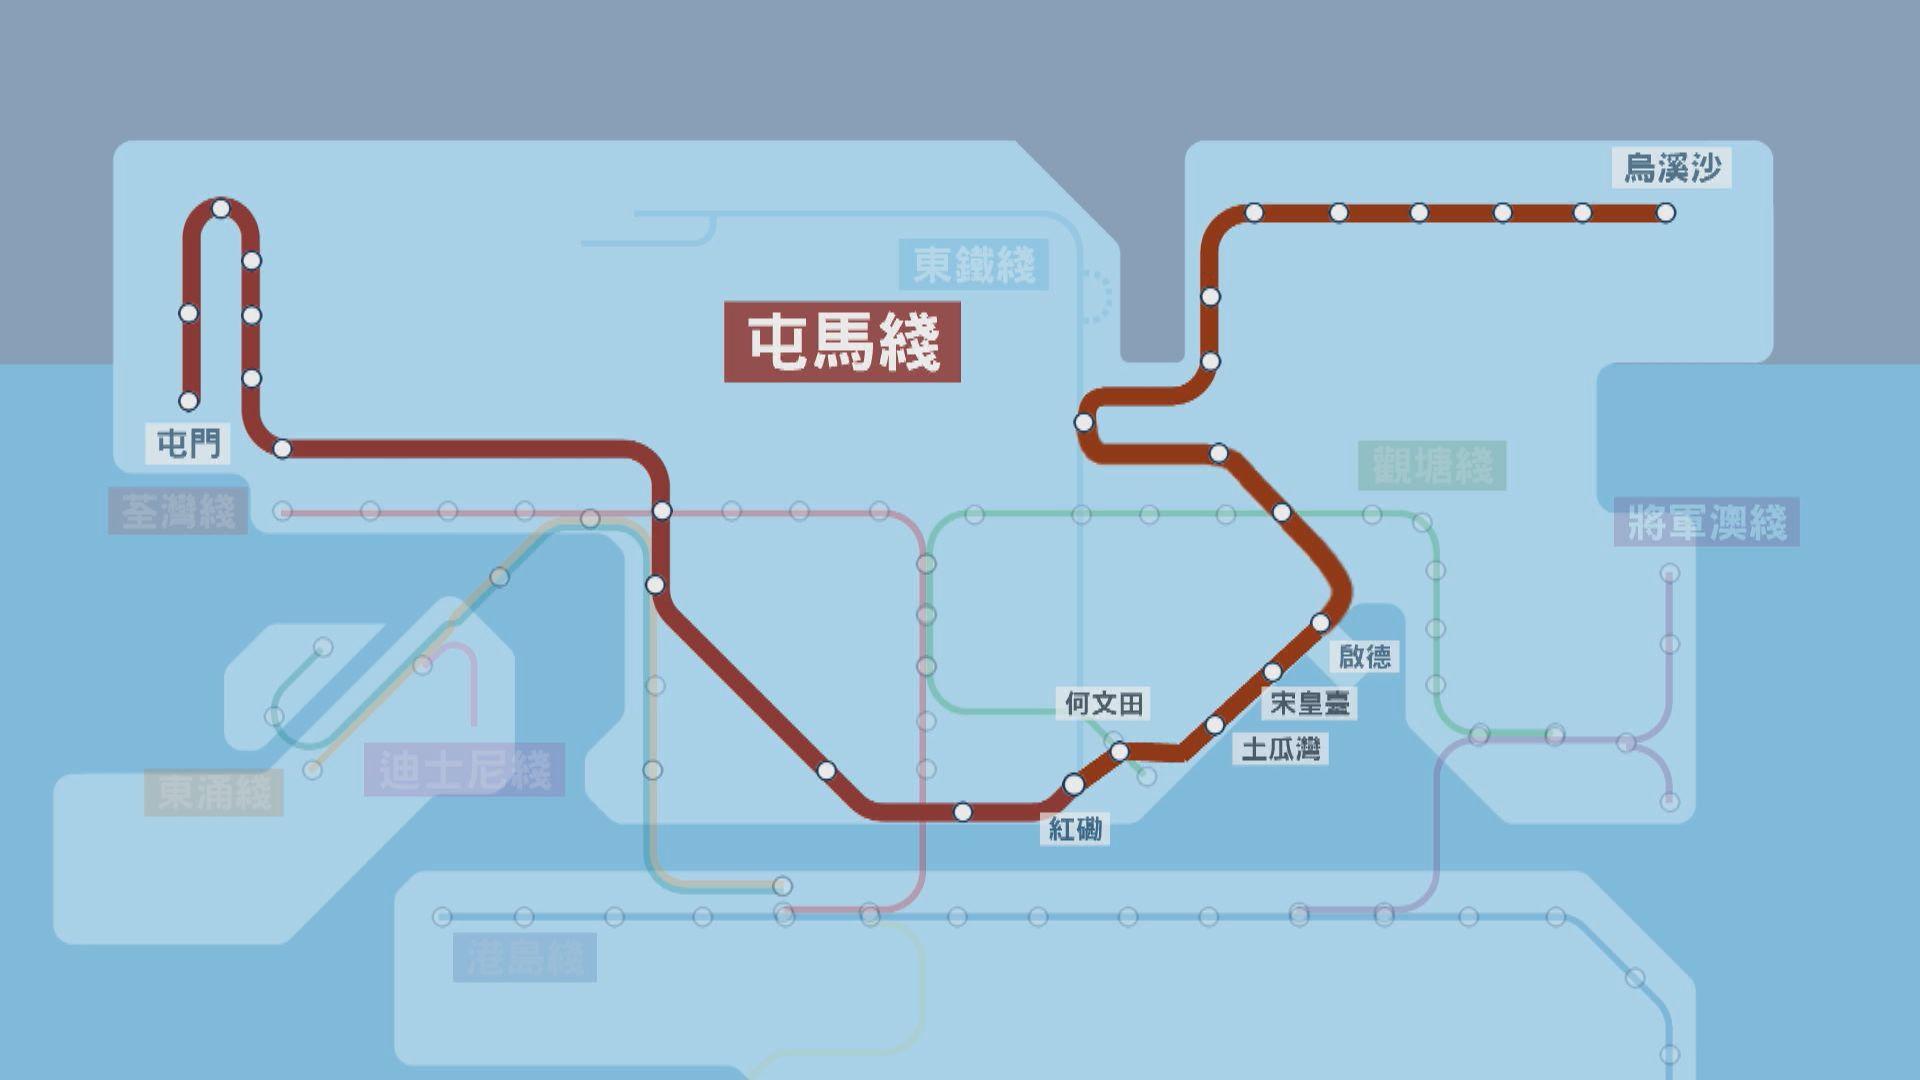 屯馬綫下月27日通車 港鐵:會為新路綫提供票價優惠